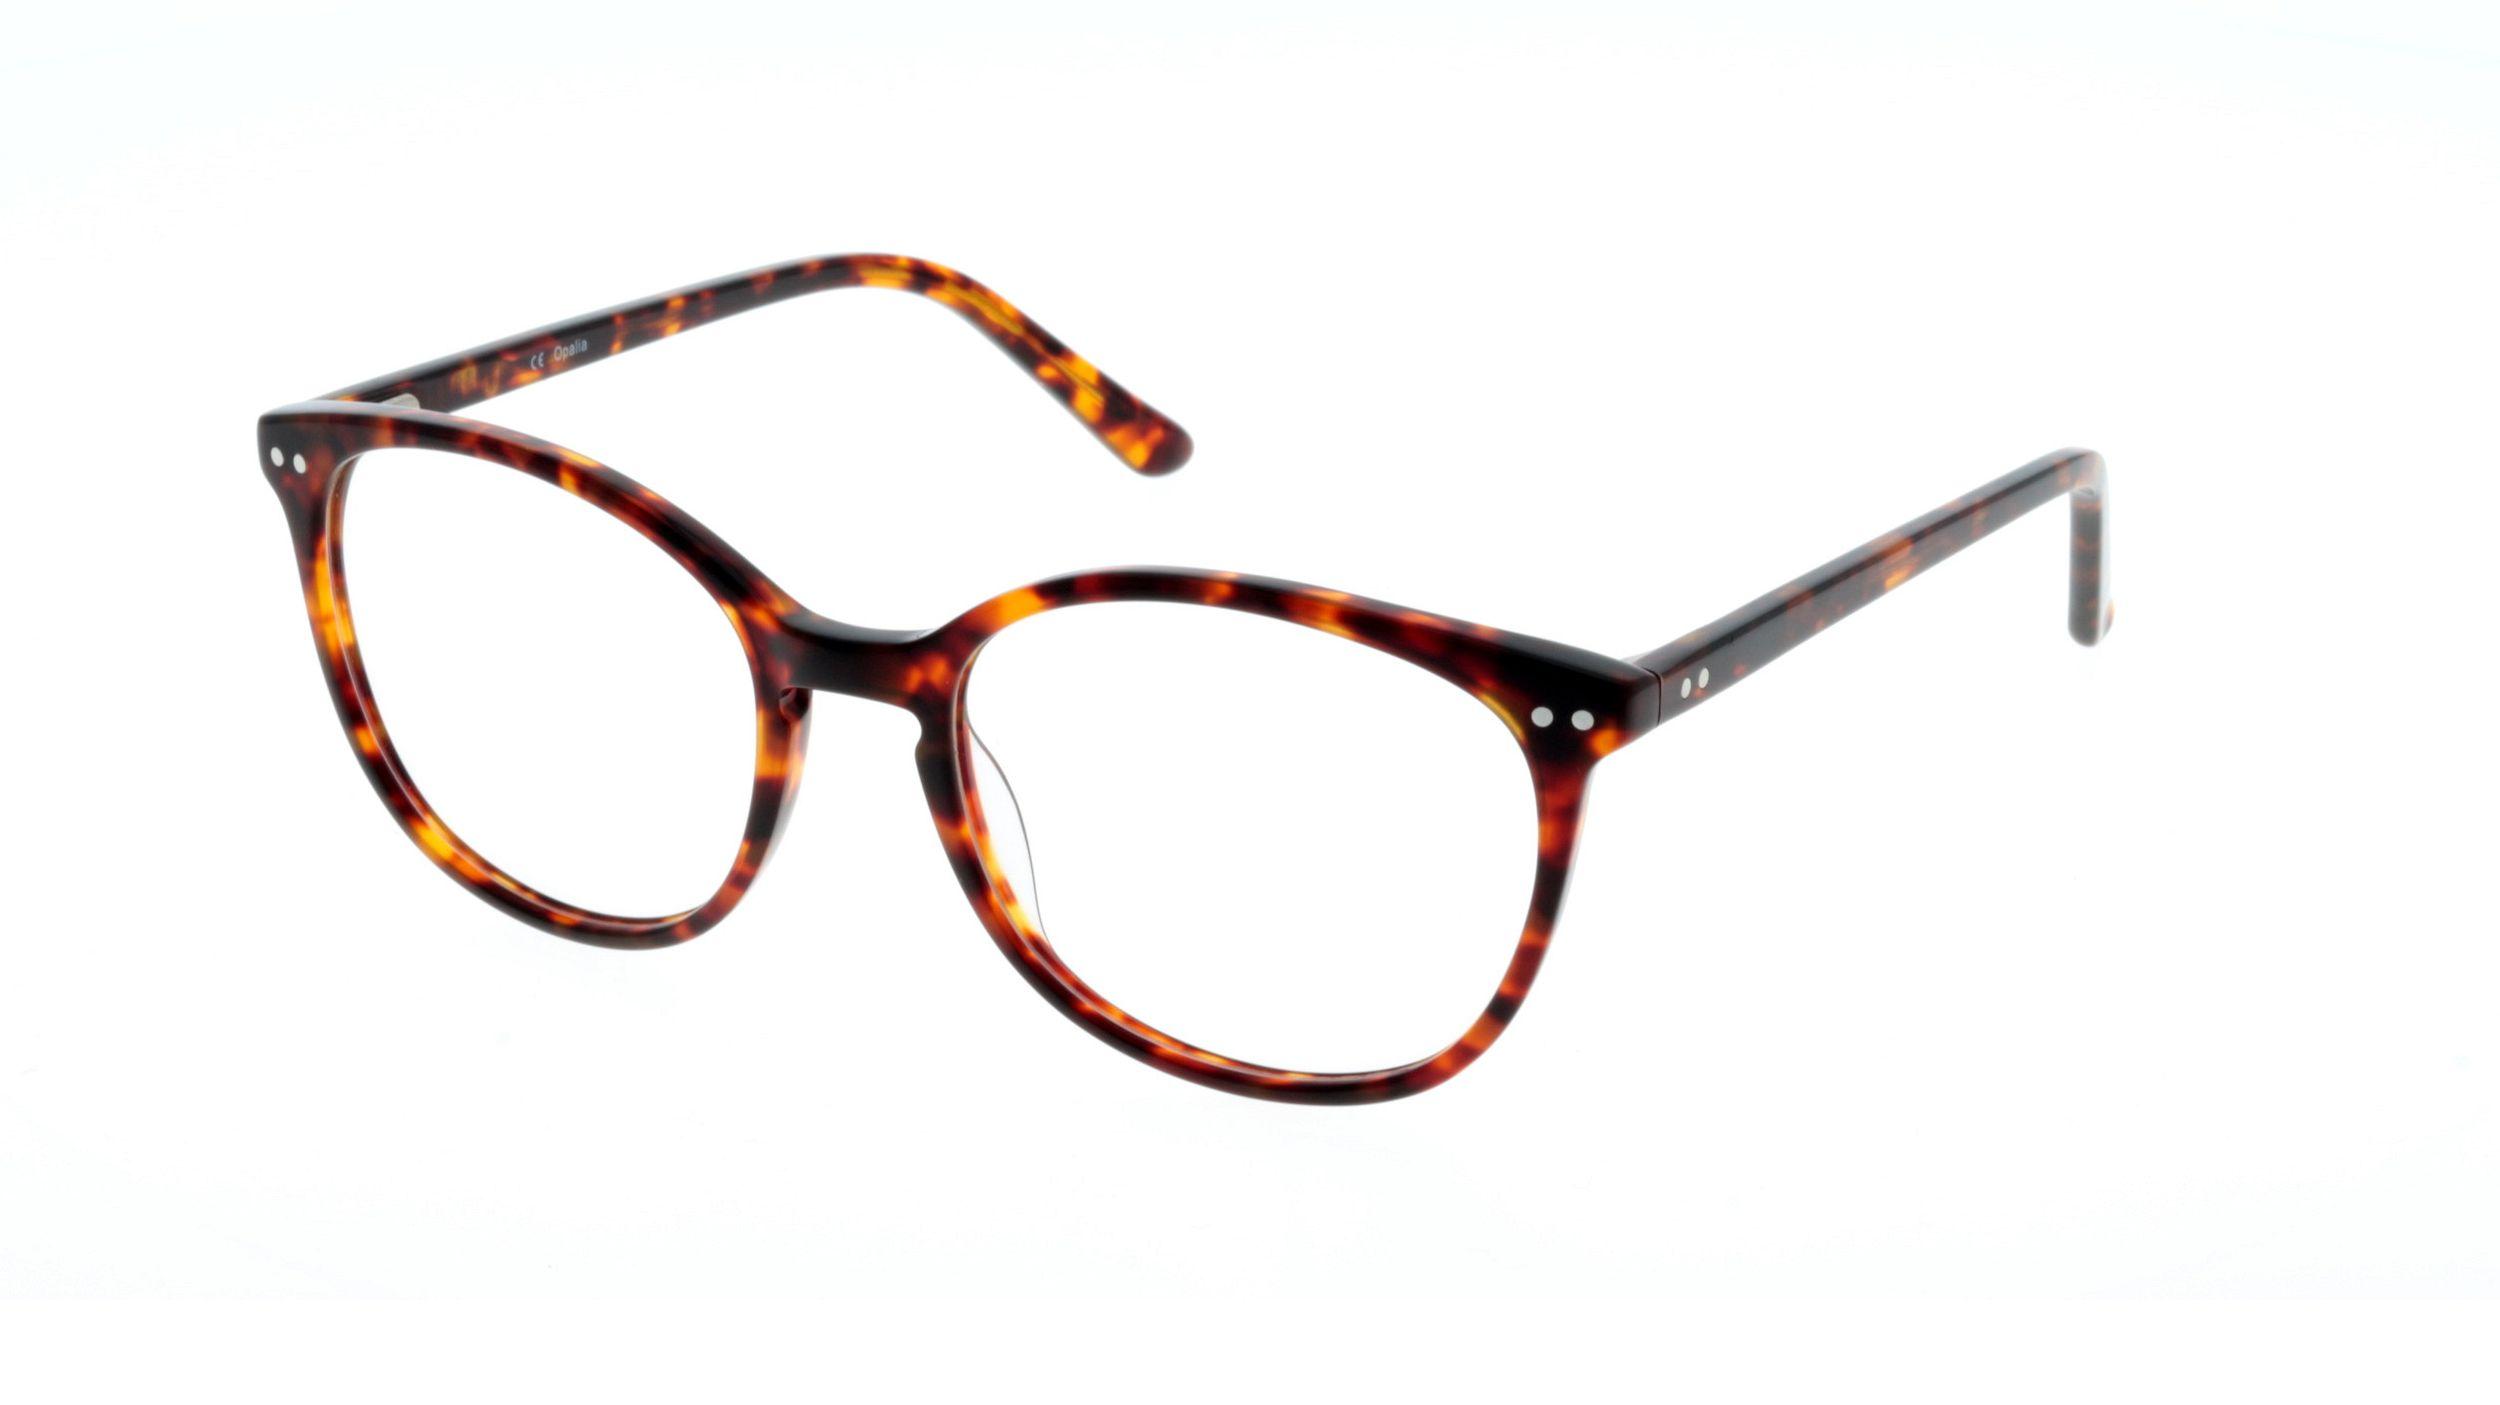 Lunette de vue : malgré vos lentilles